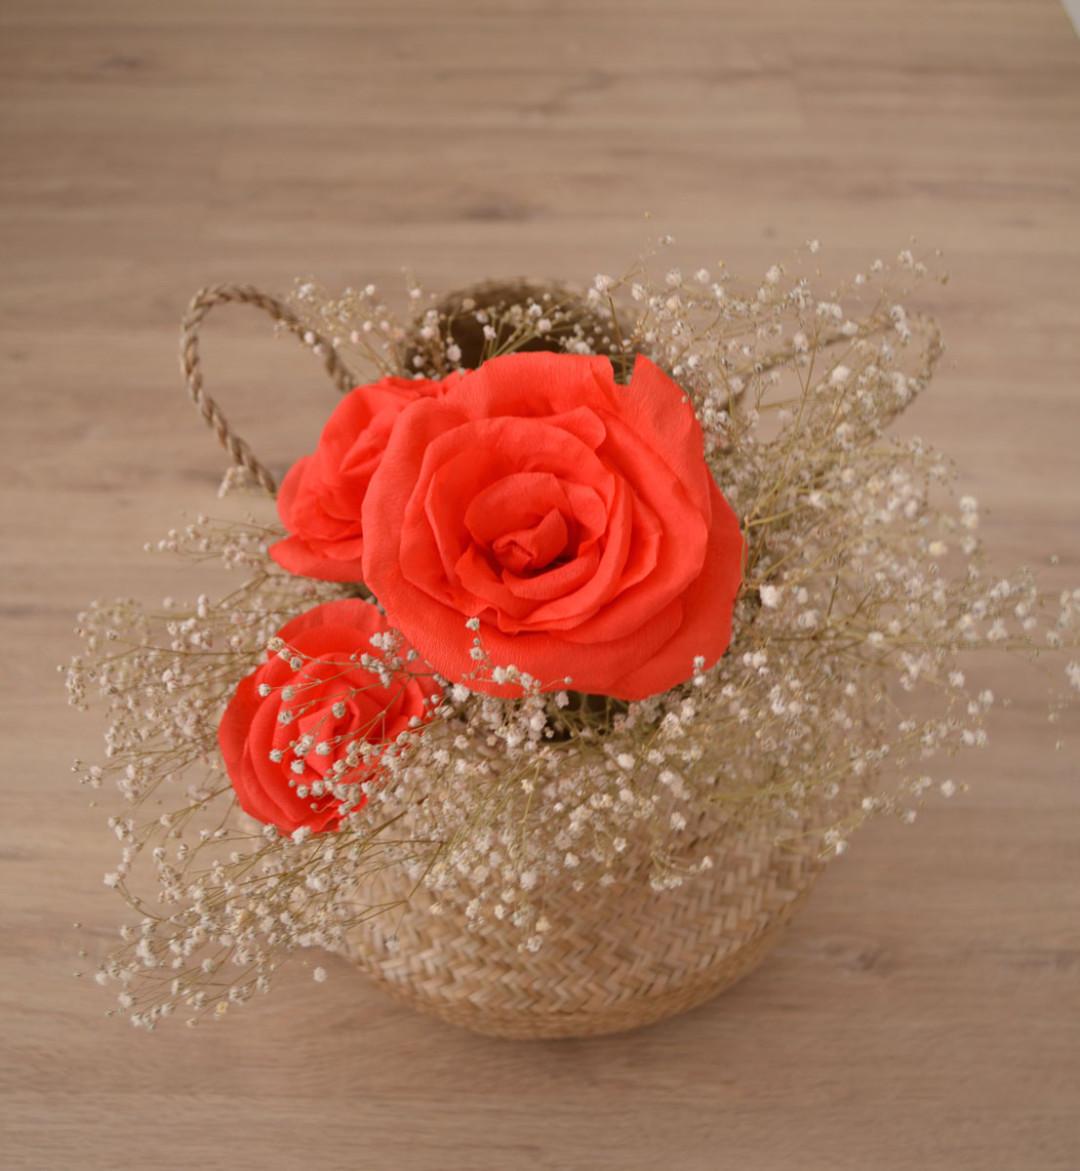 c mo hacer rosas de papel crep departamento de ideas On como hacer rosas de papel